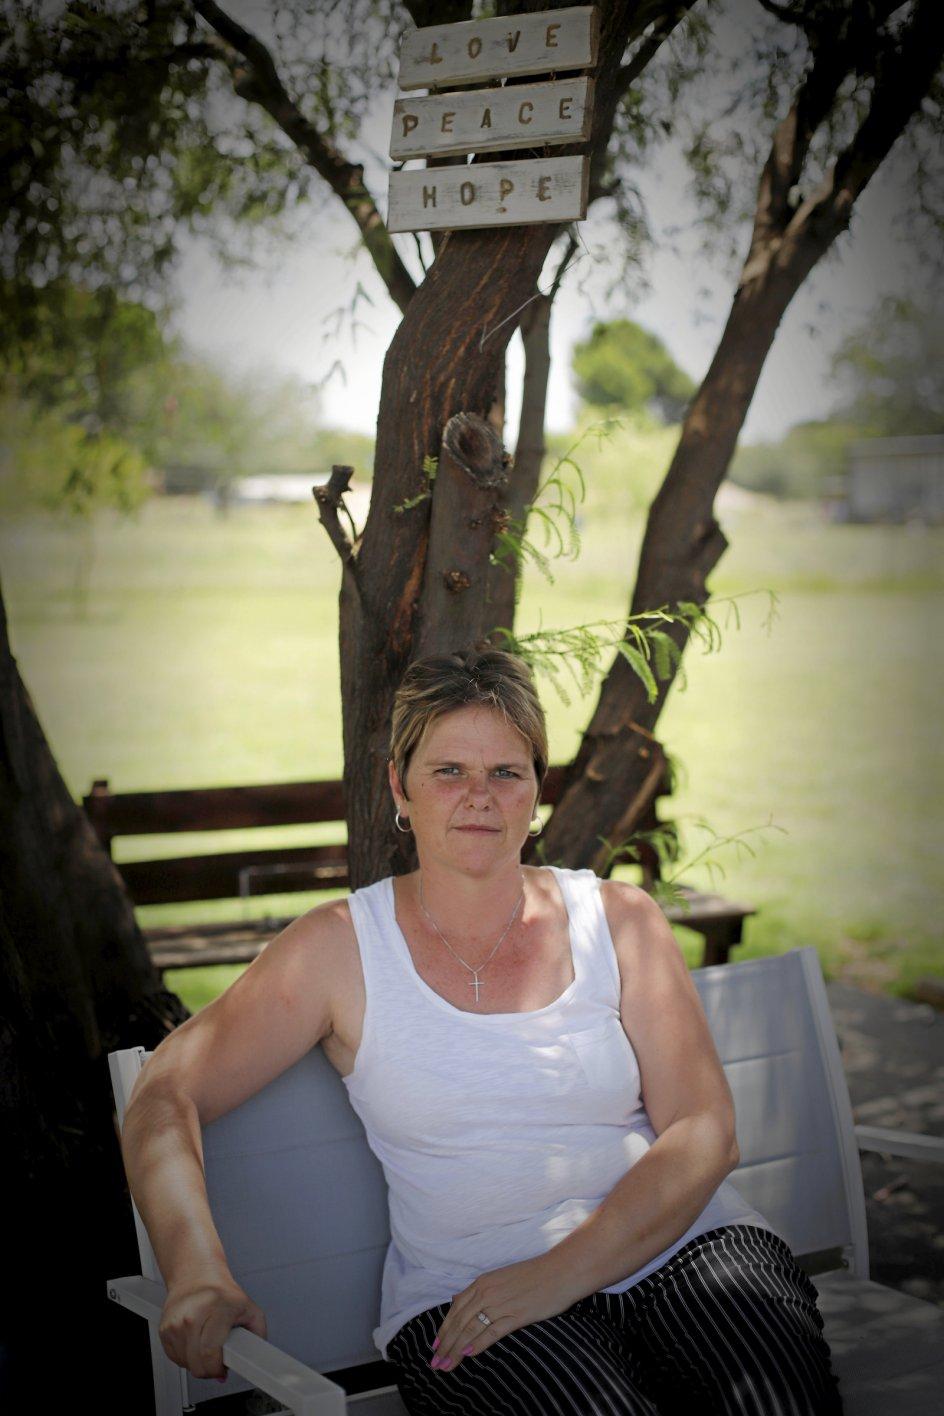 """Trods et succesrigt liv i politiets tjeneste er Lynda Steyn ikke blevet forfremmet i 22 år. """"Det er jo, fordi jeg er hvid. Men jeg lever og ånder for mig job,"""" siger hun her i familiens have. Familien har ord hængende som udsmykning, ingen billeder. Det er meget almindeligt blandt Sydafrikas boere, som er præget af den calvinistiske tro."""